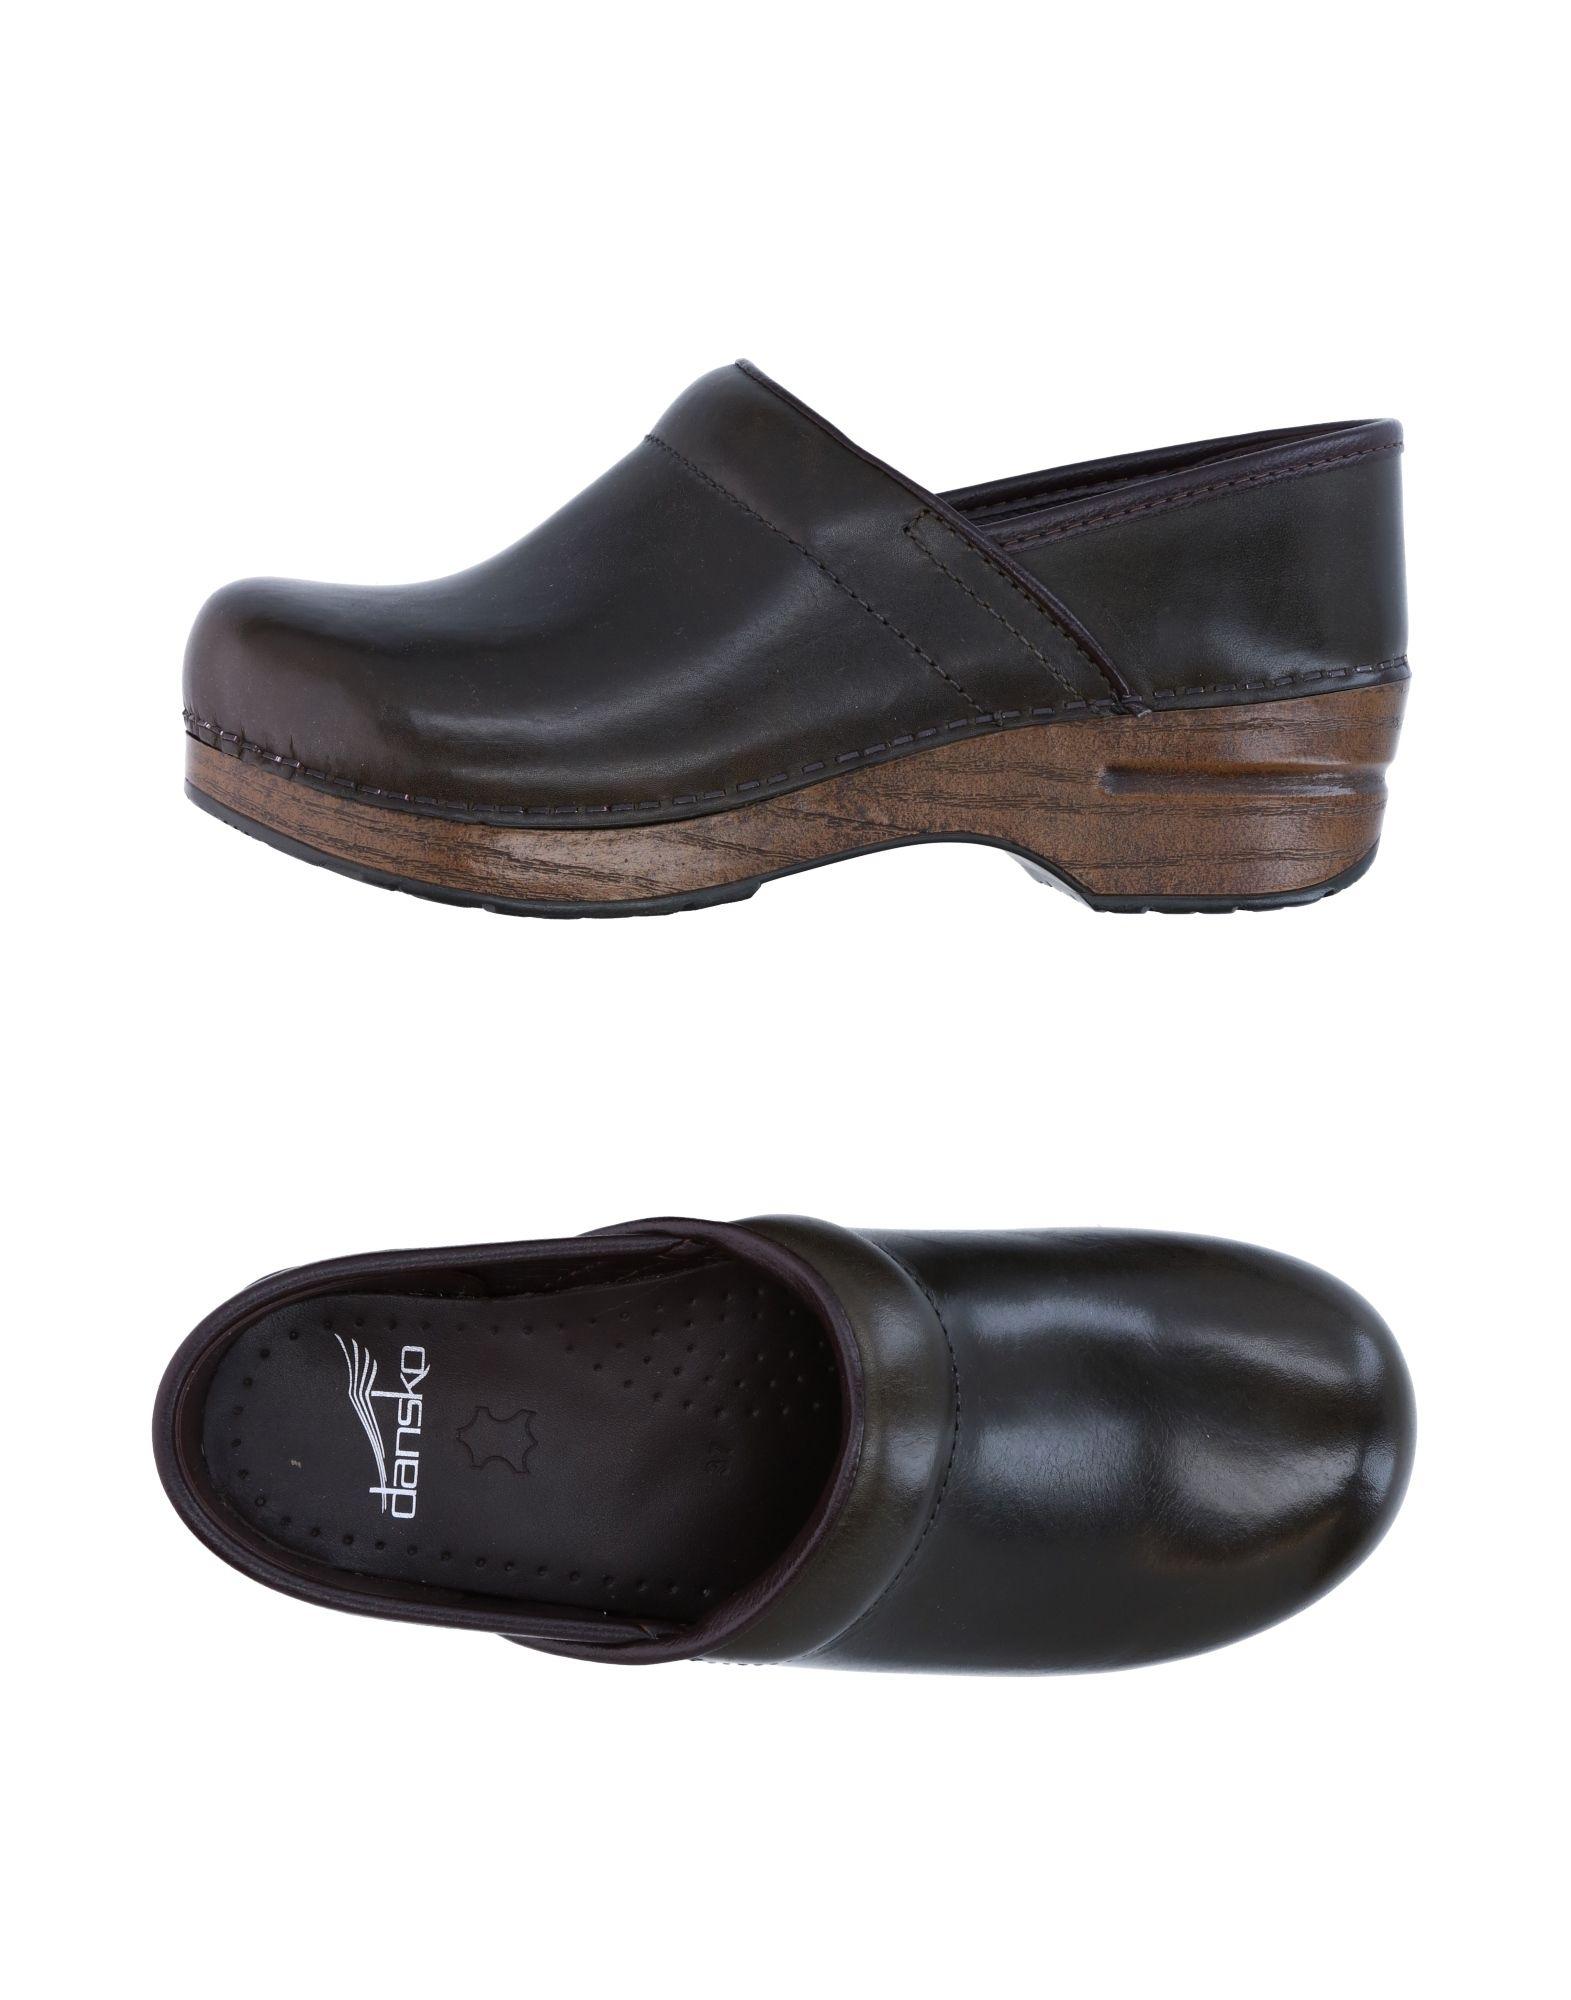 Dansko Mokassins Damen  11263130PC 11263130PC 11263130PC Gute Qualität beliebte Schuhe 7d1a8e